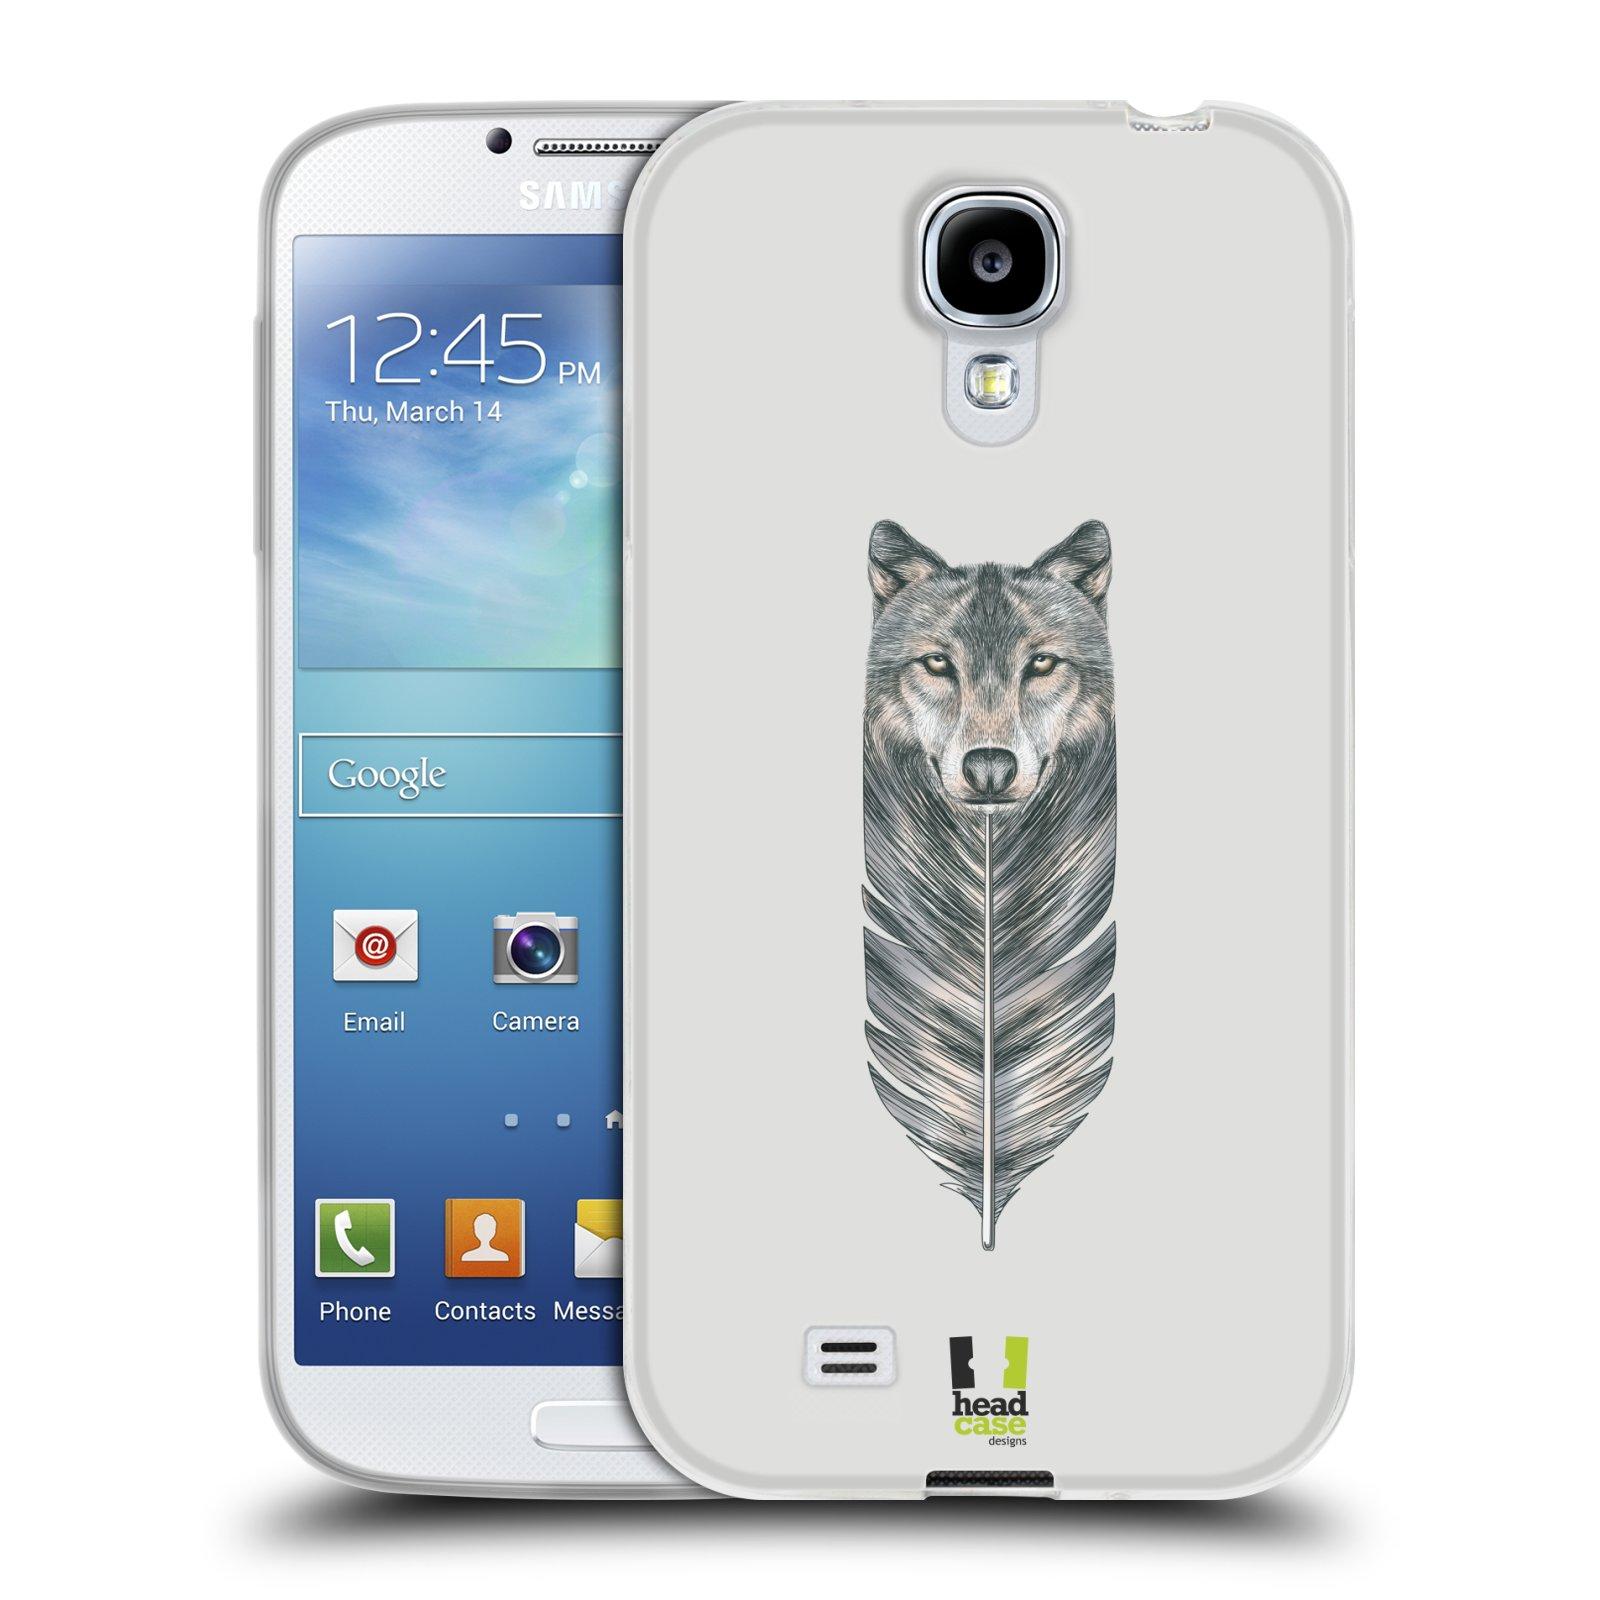 Silikonové pouzdro na mobil Samsung Galaxy S4 HEAD CASE PÍRKO VLK (Silikonový kryt či obal na mobilní telefon Samsung Galaxy S4 GT-i9505 / i9500)